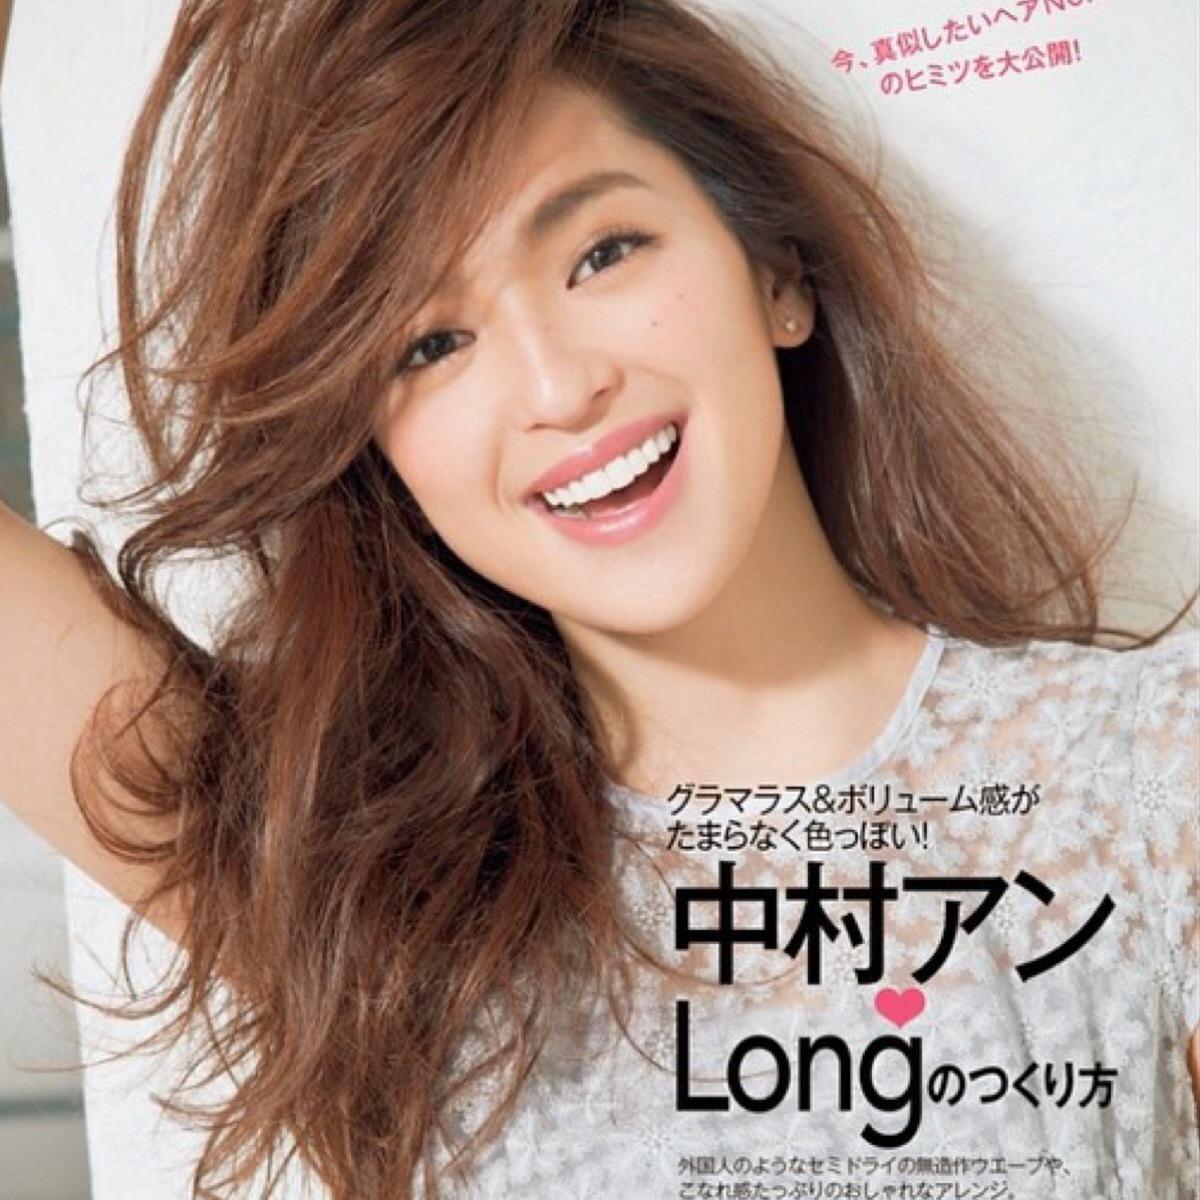 c89d2190d633 中村アンさんのレイヤーヘアの髪型を真似する方法を解説!! - KAZUの気 ...